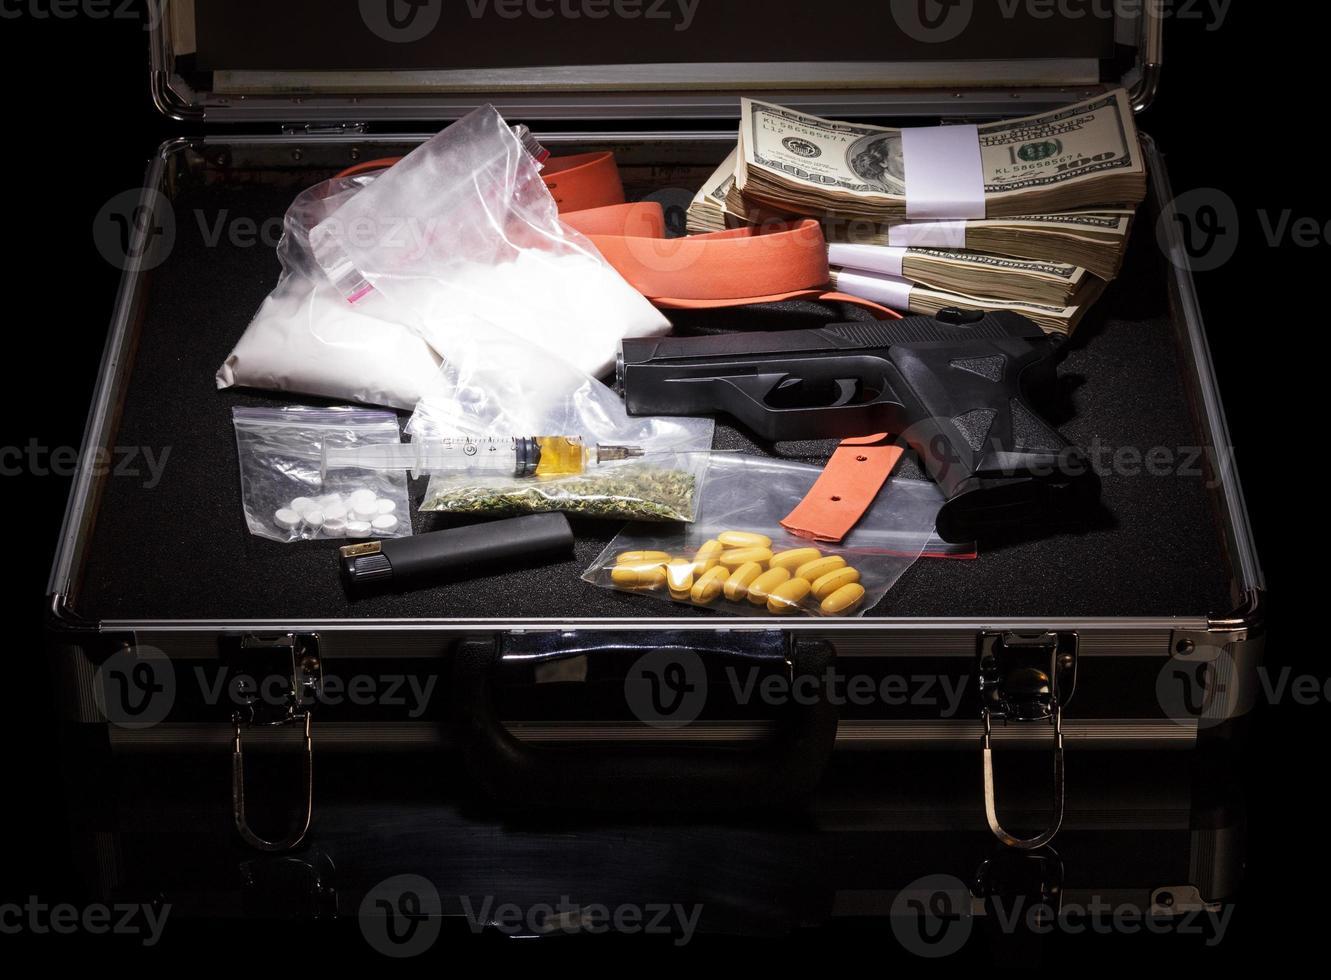 caso con soldi, pistola e droghe foto